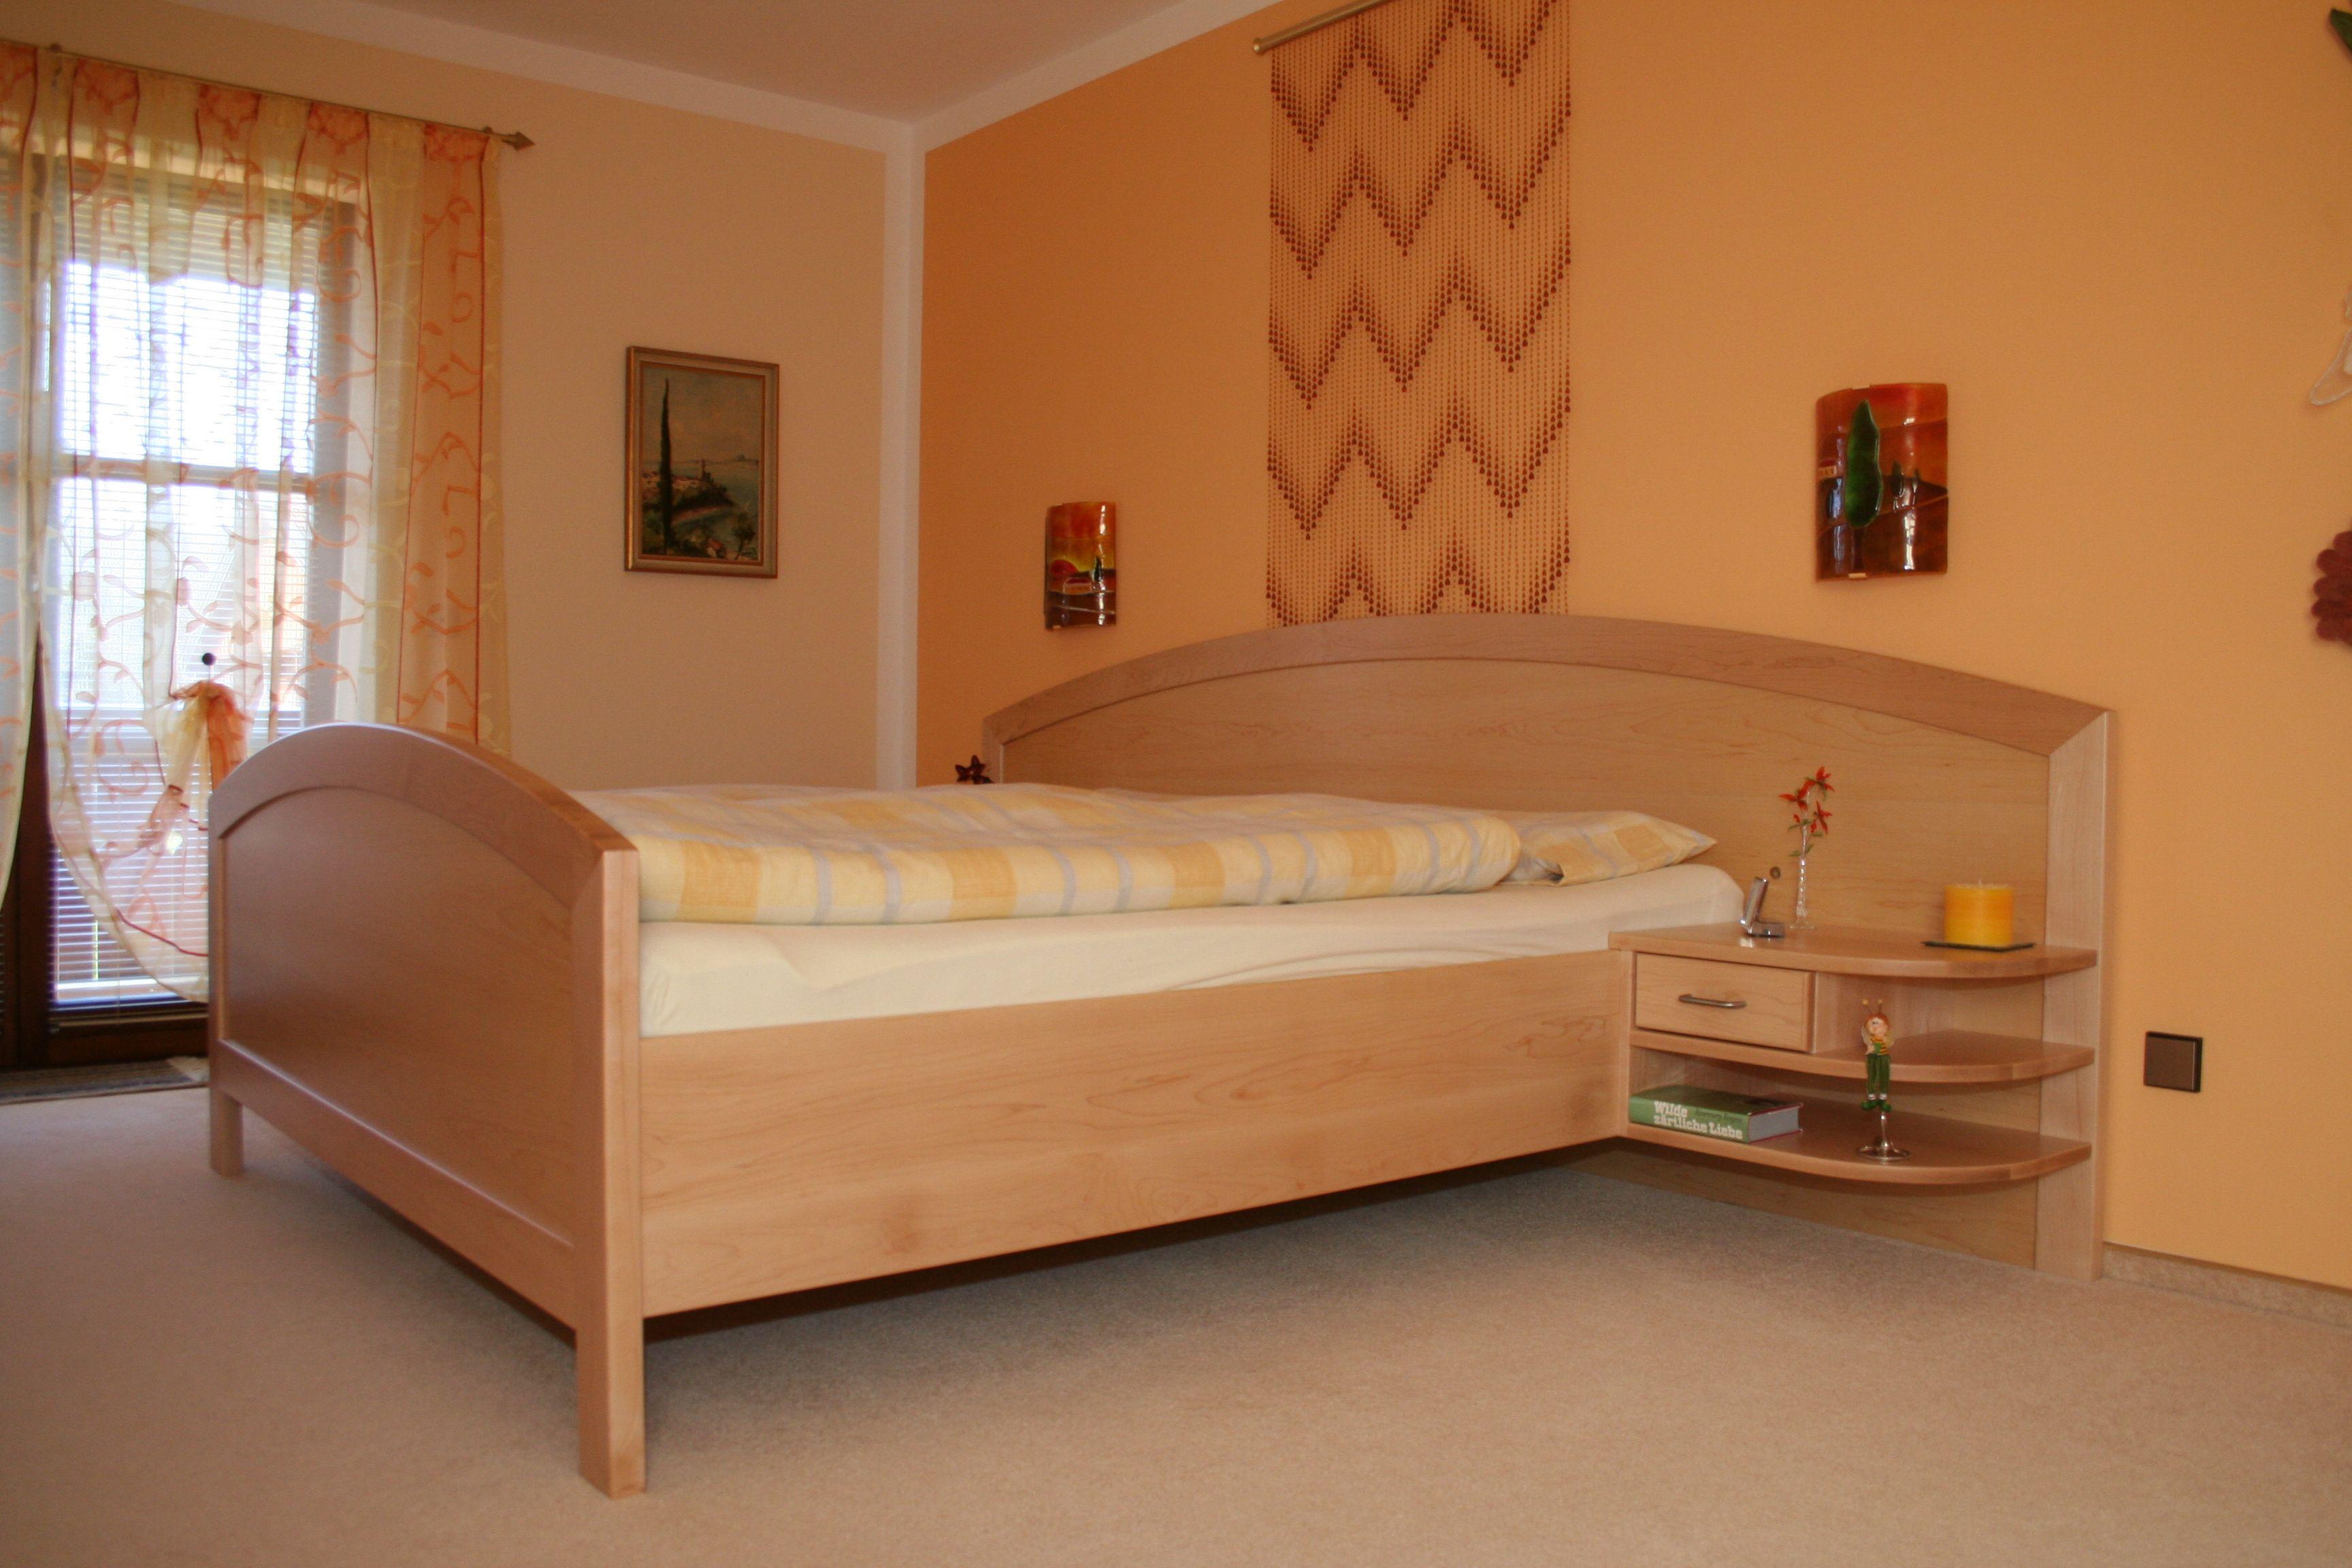 Kleines Schlafzimmer Welches Bett